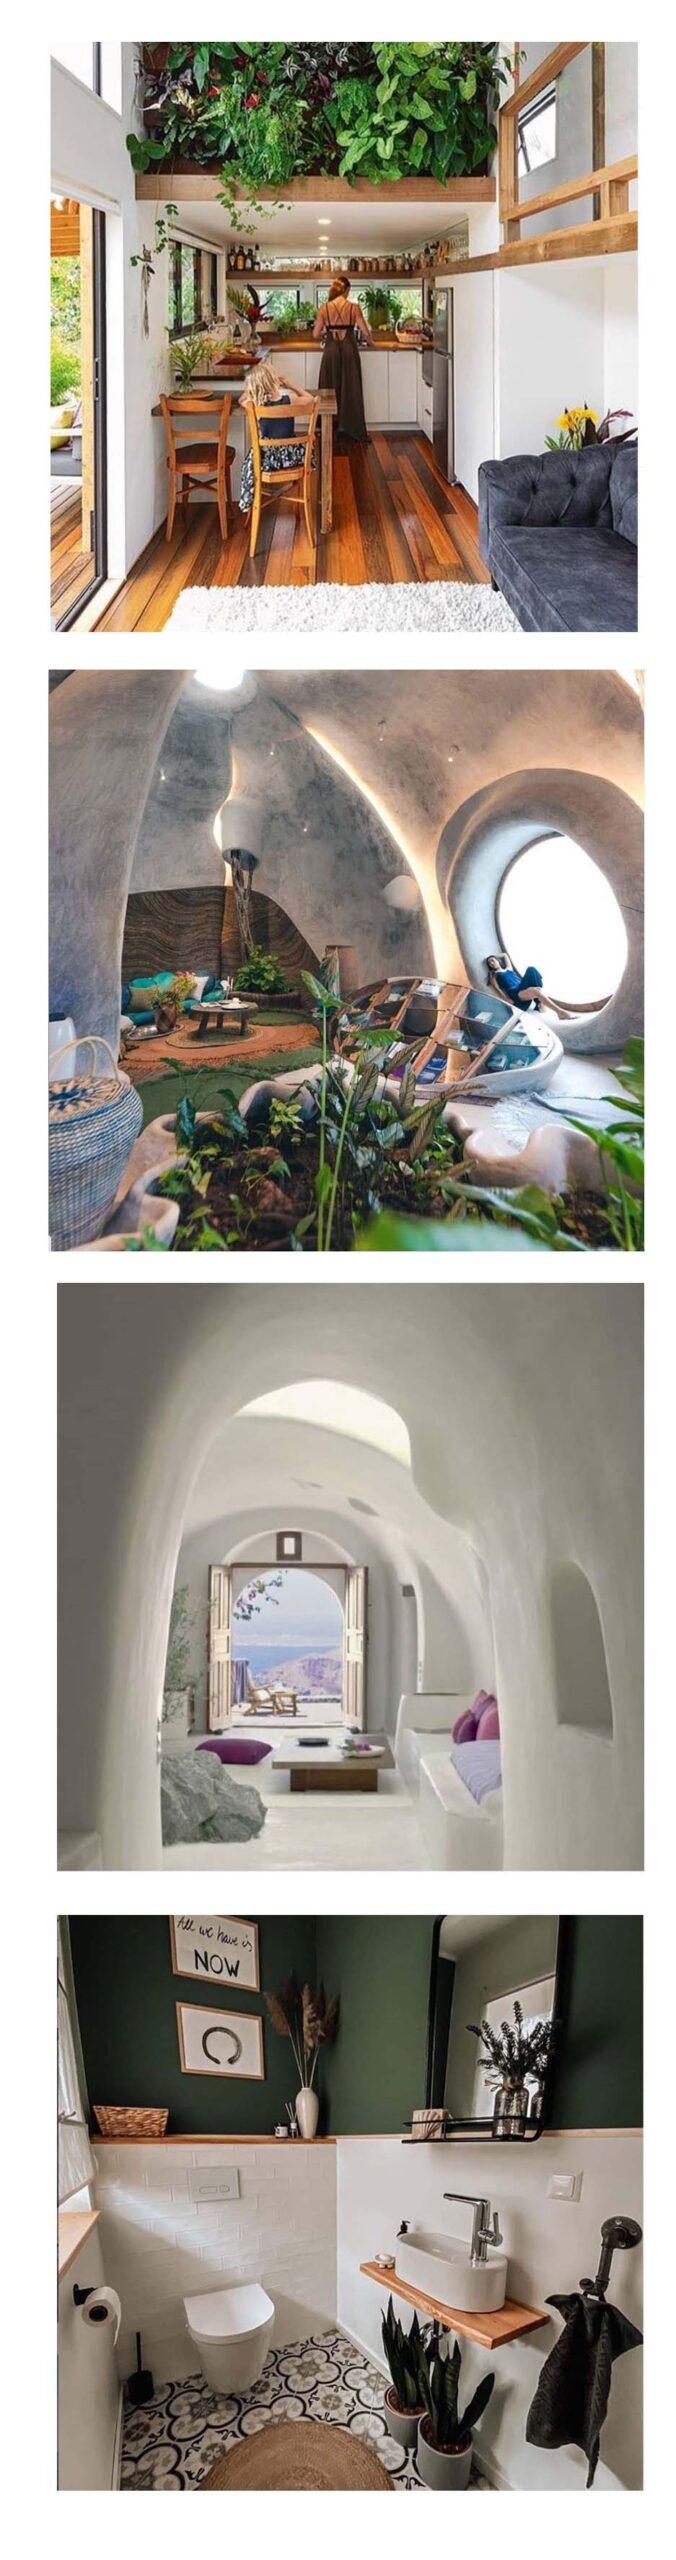 espacios casa sana